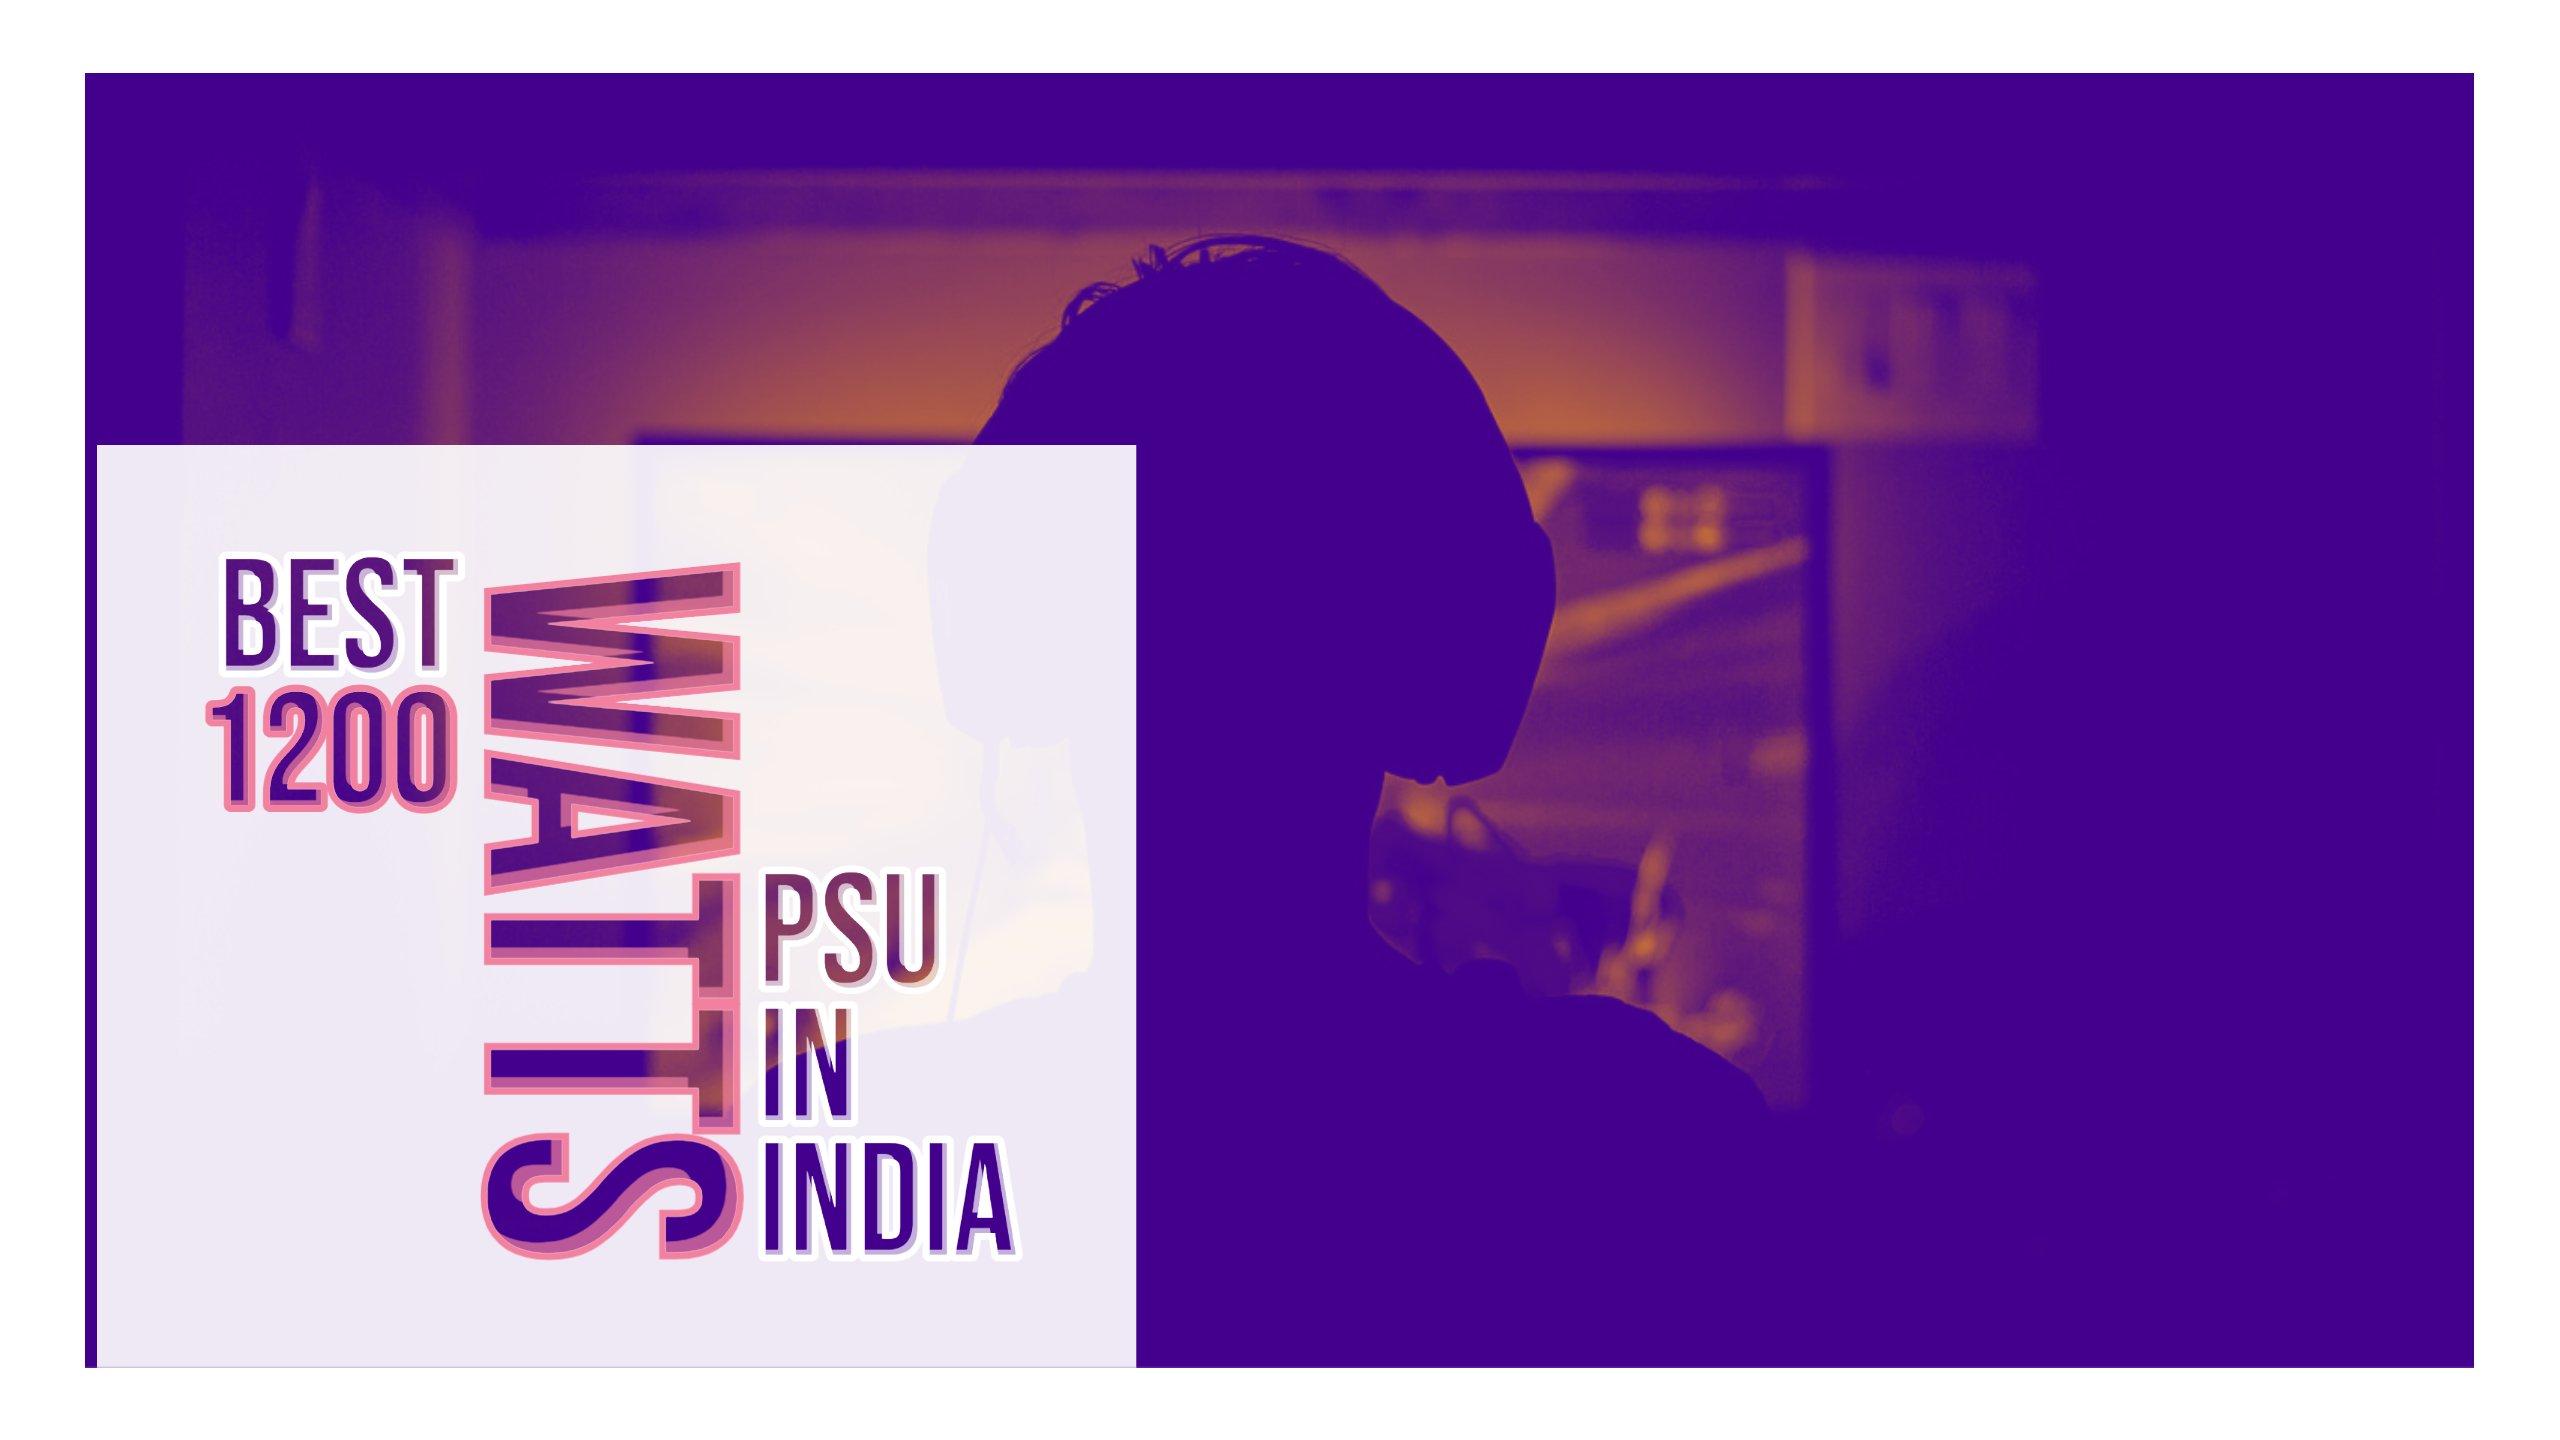 Best 1200 Watts PSU in India